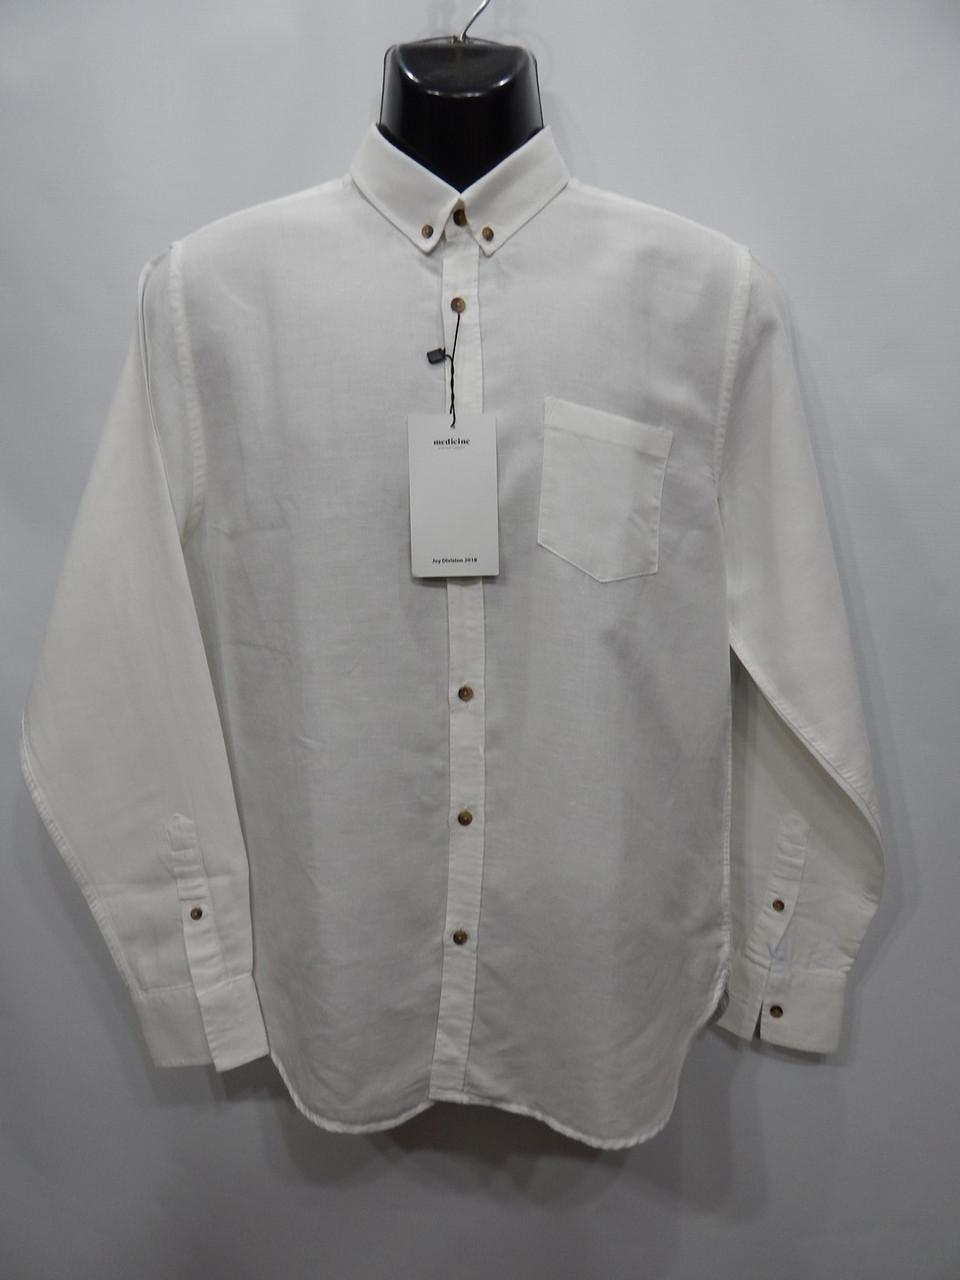 Мужская рубашка с длинным рукавом Medicine оригинал 014ДР р.48